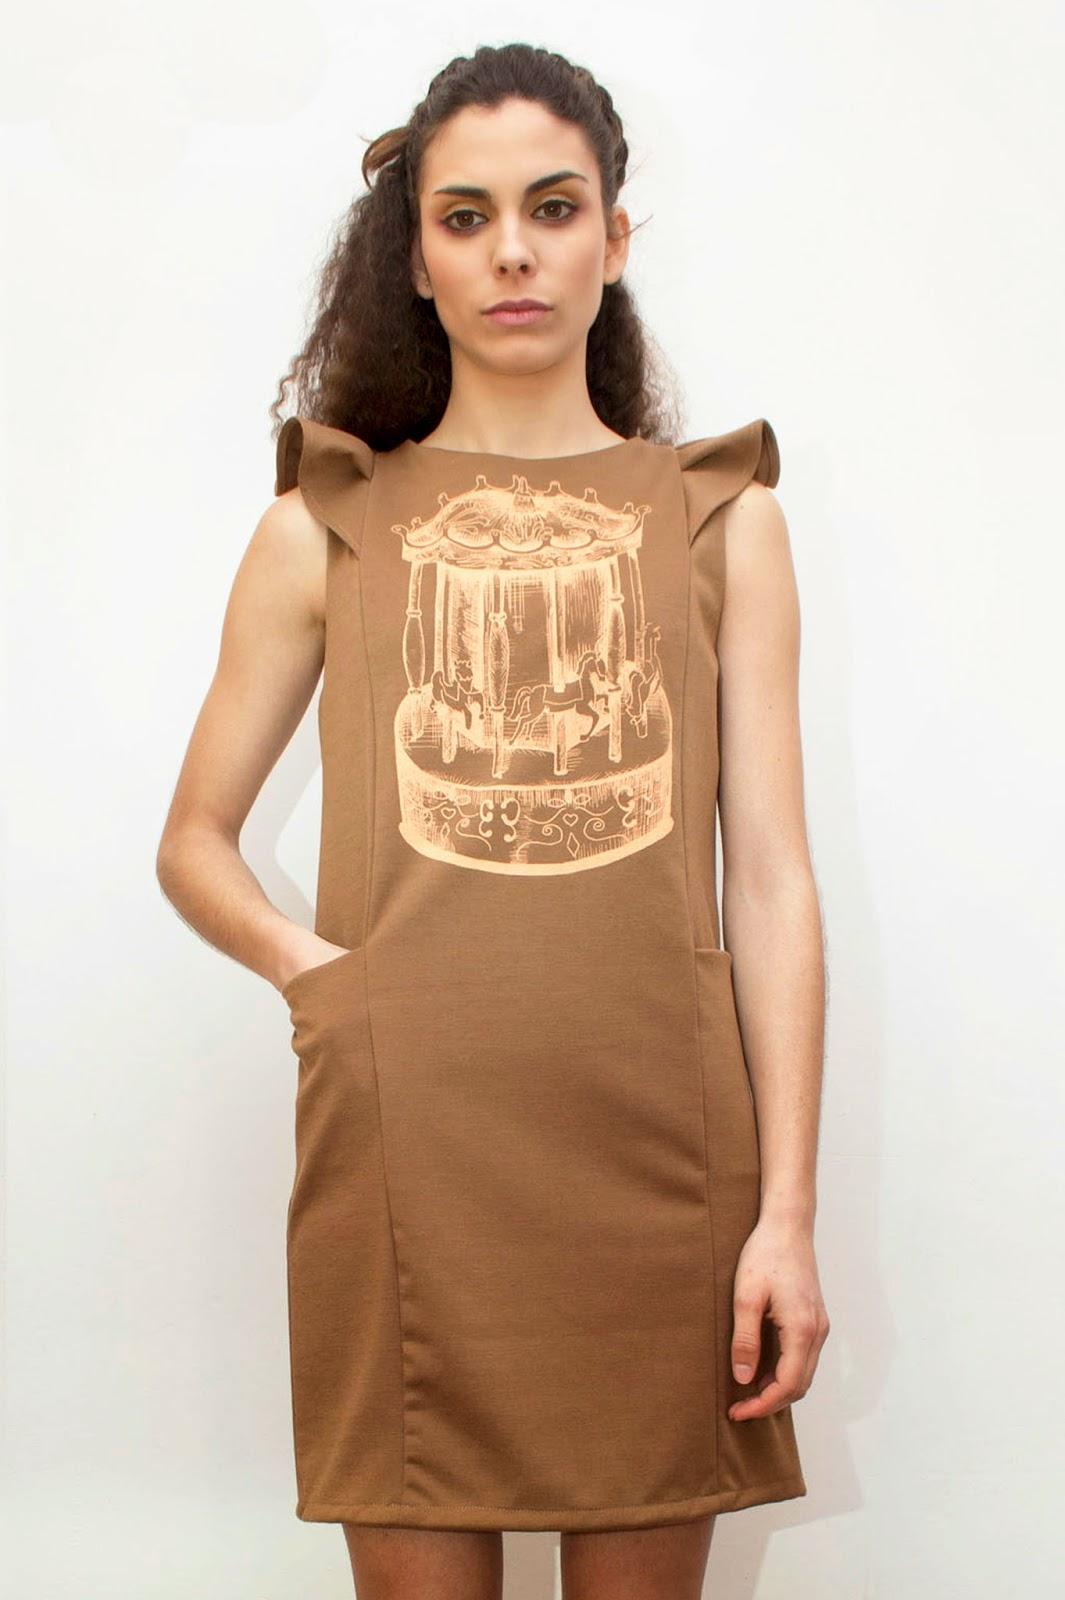 http://labocoqueshop.bigcartel.com/product/vestido-carrousel-canela#.U3pQfna1vA4